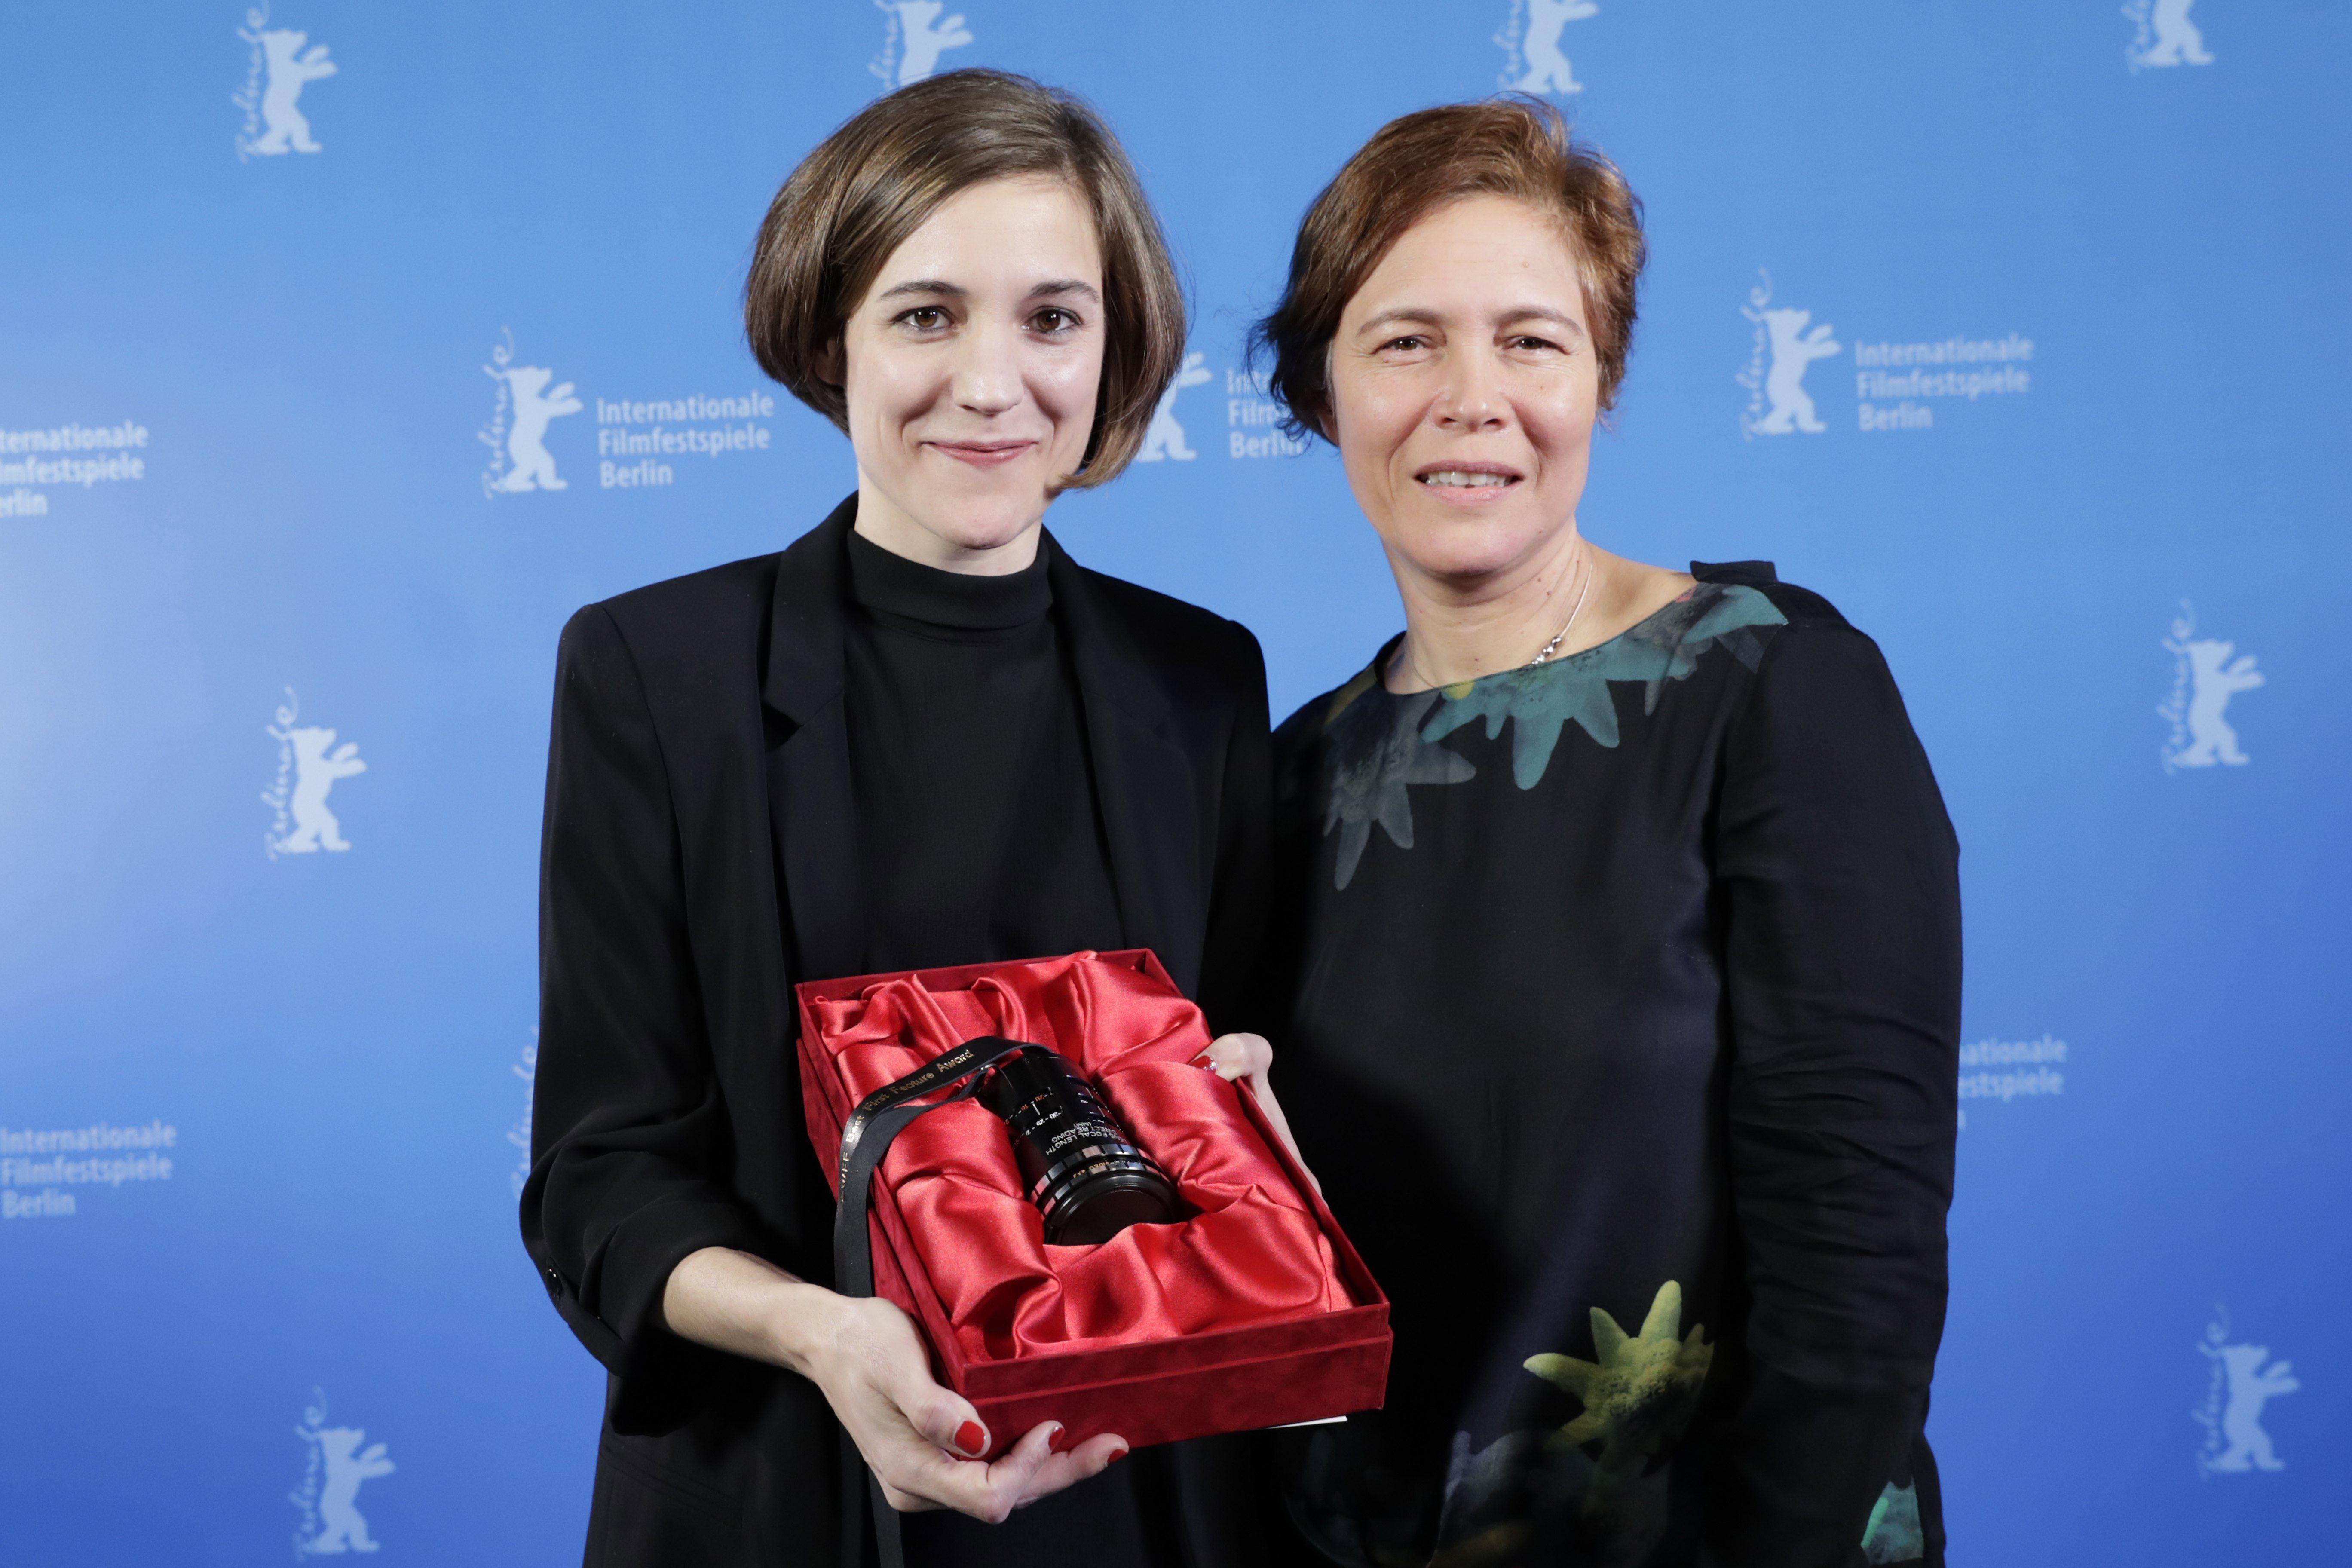 Carla Simón Berlinale - EFE